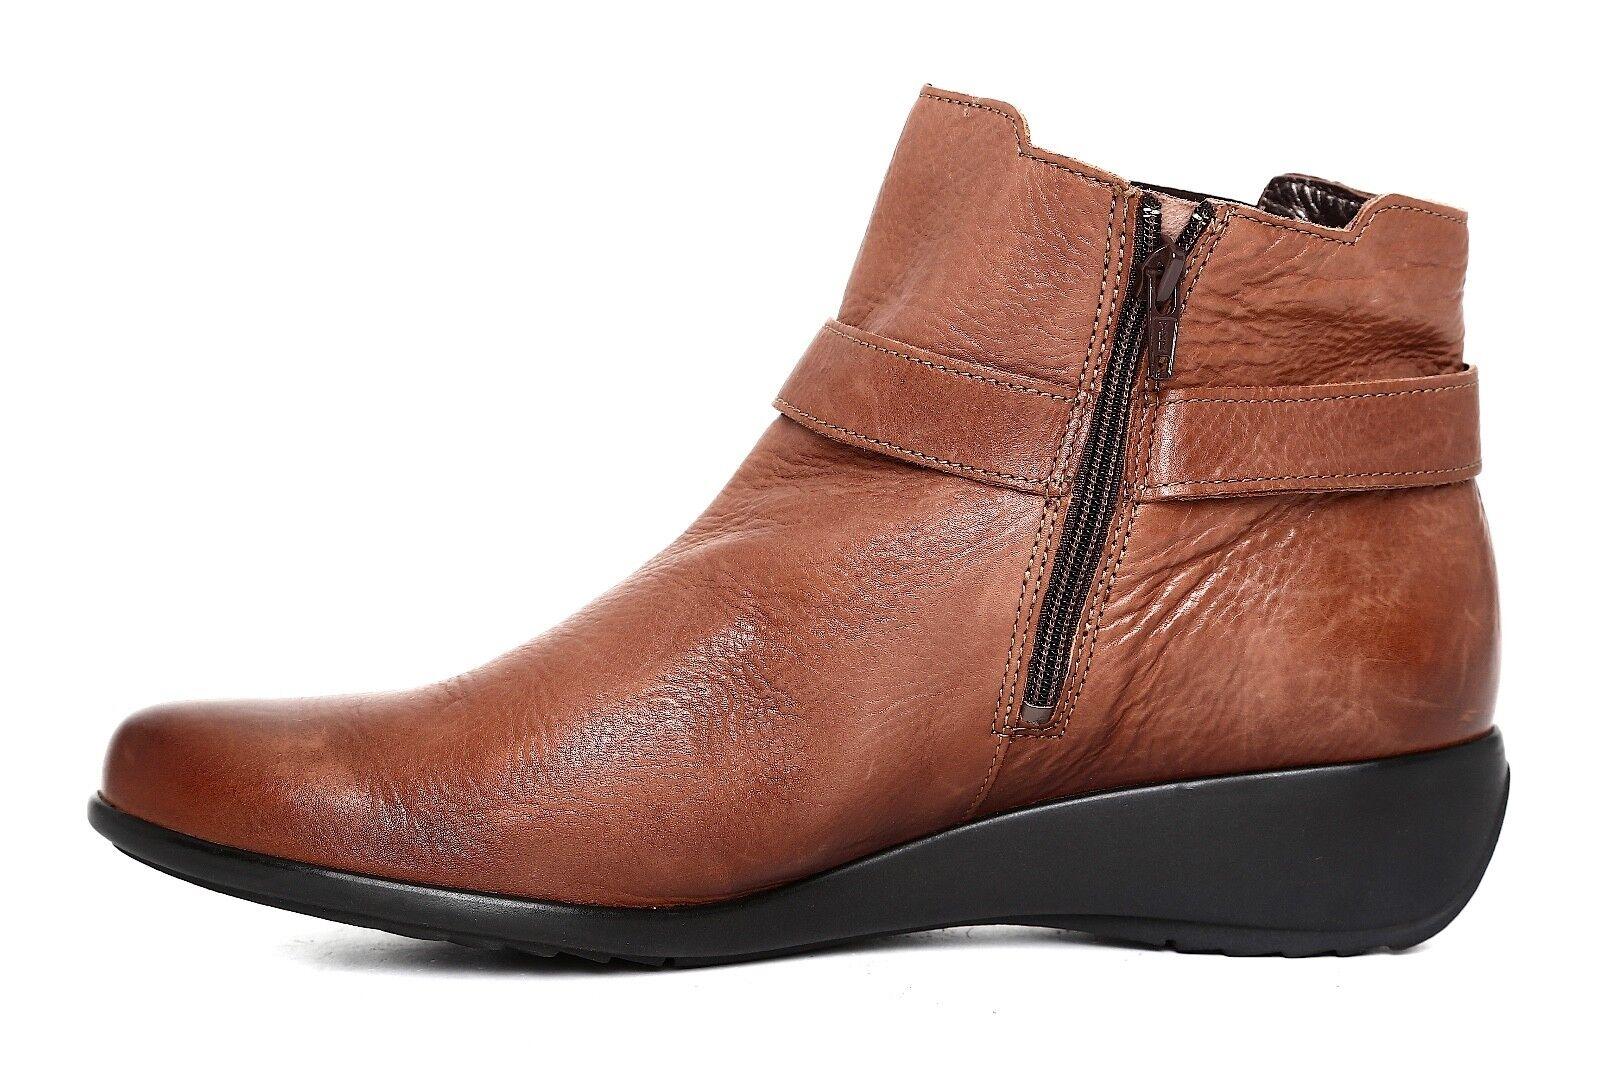 Mephisto Stefania Wedge Leather Stiefelie braun braun braun damen Sz 9.5 5808  1c246d